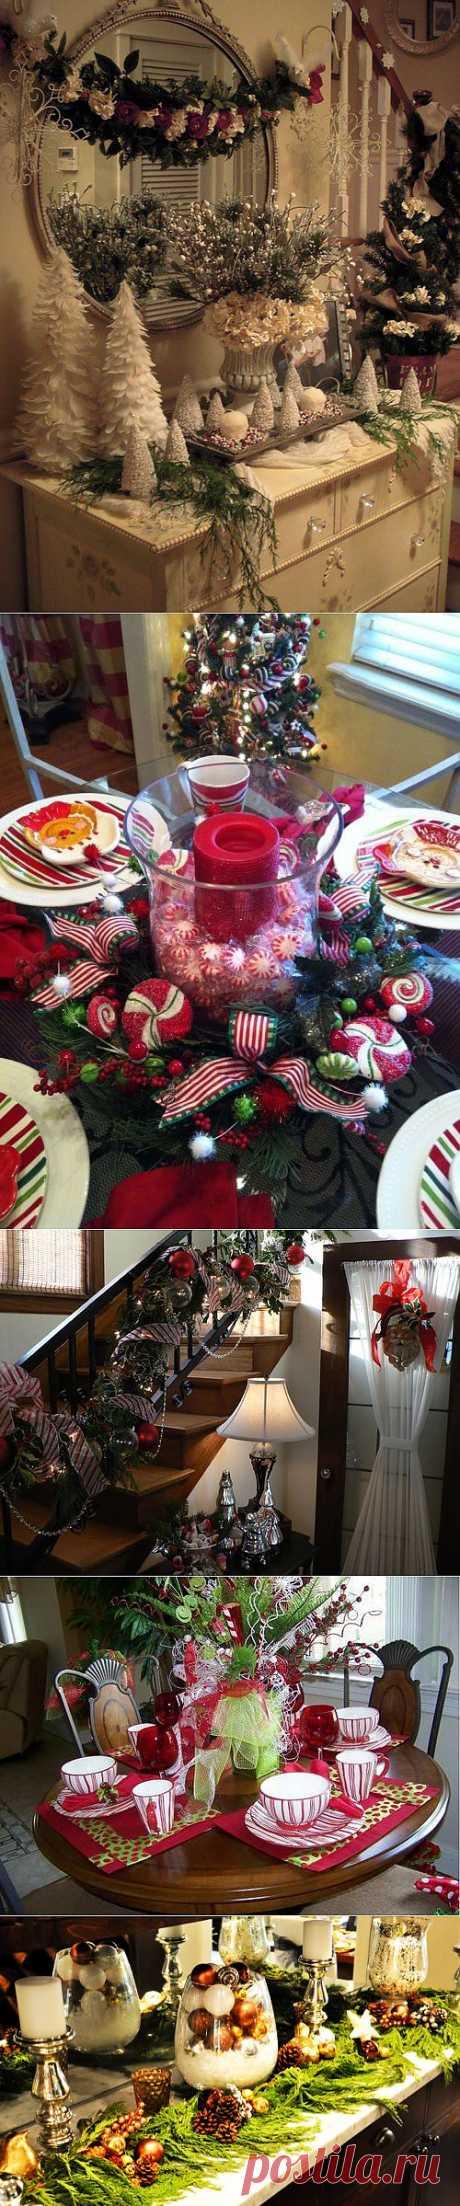 Как украсить комнату к Новому году — 30 фото | My Milady